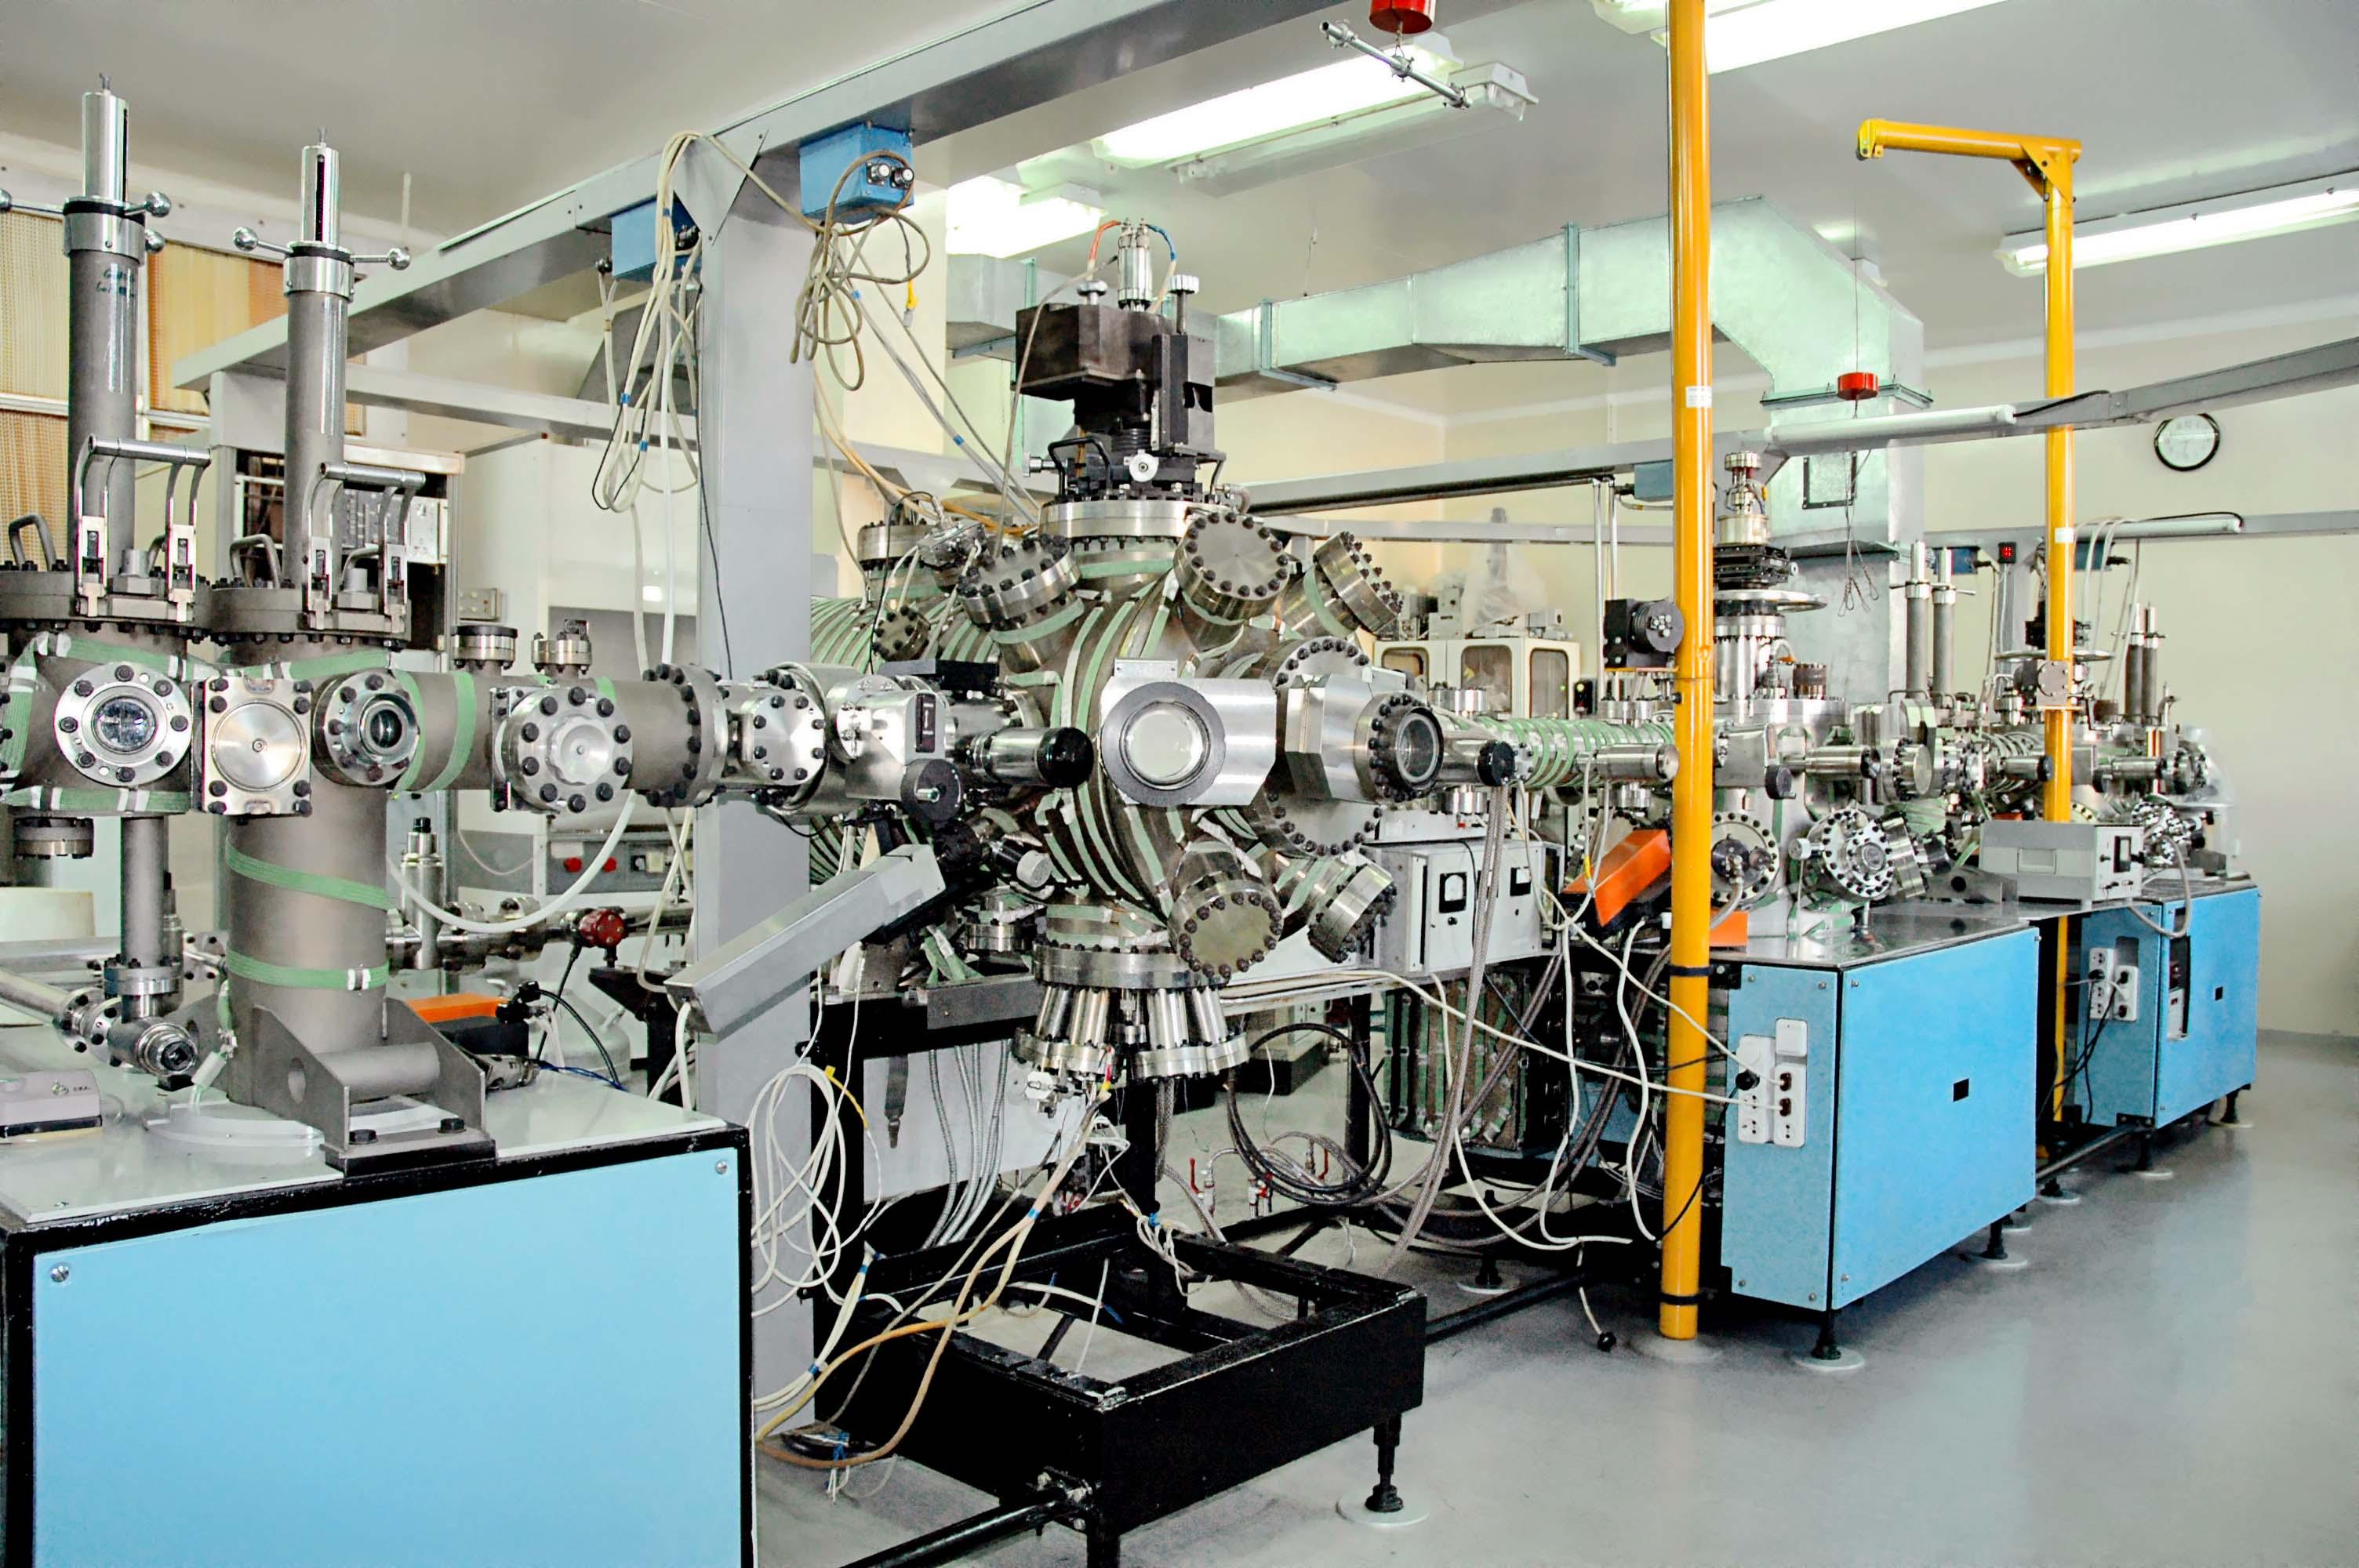 2. установка молекулярно-лучевой эпитаксии, на которой выращены полупроводниковые структуры Cd-Hg-Te.jpg